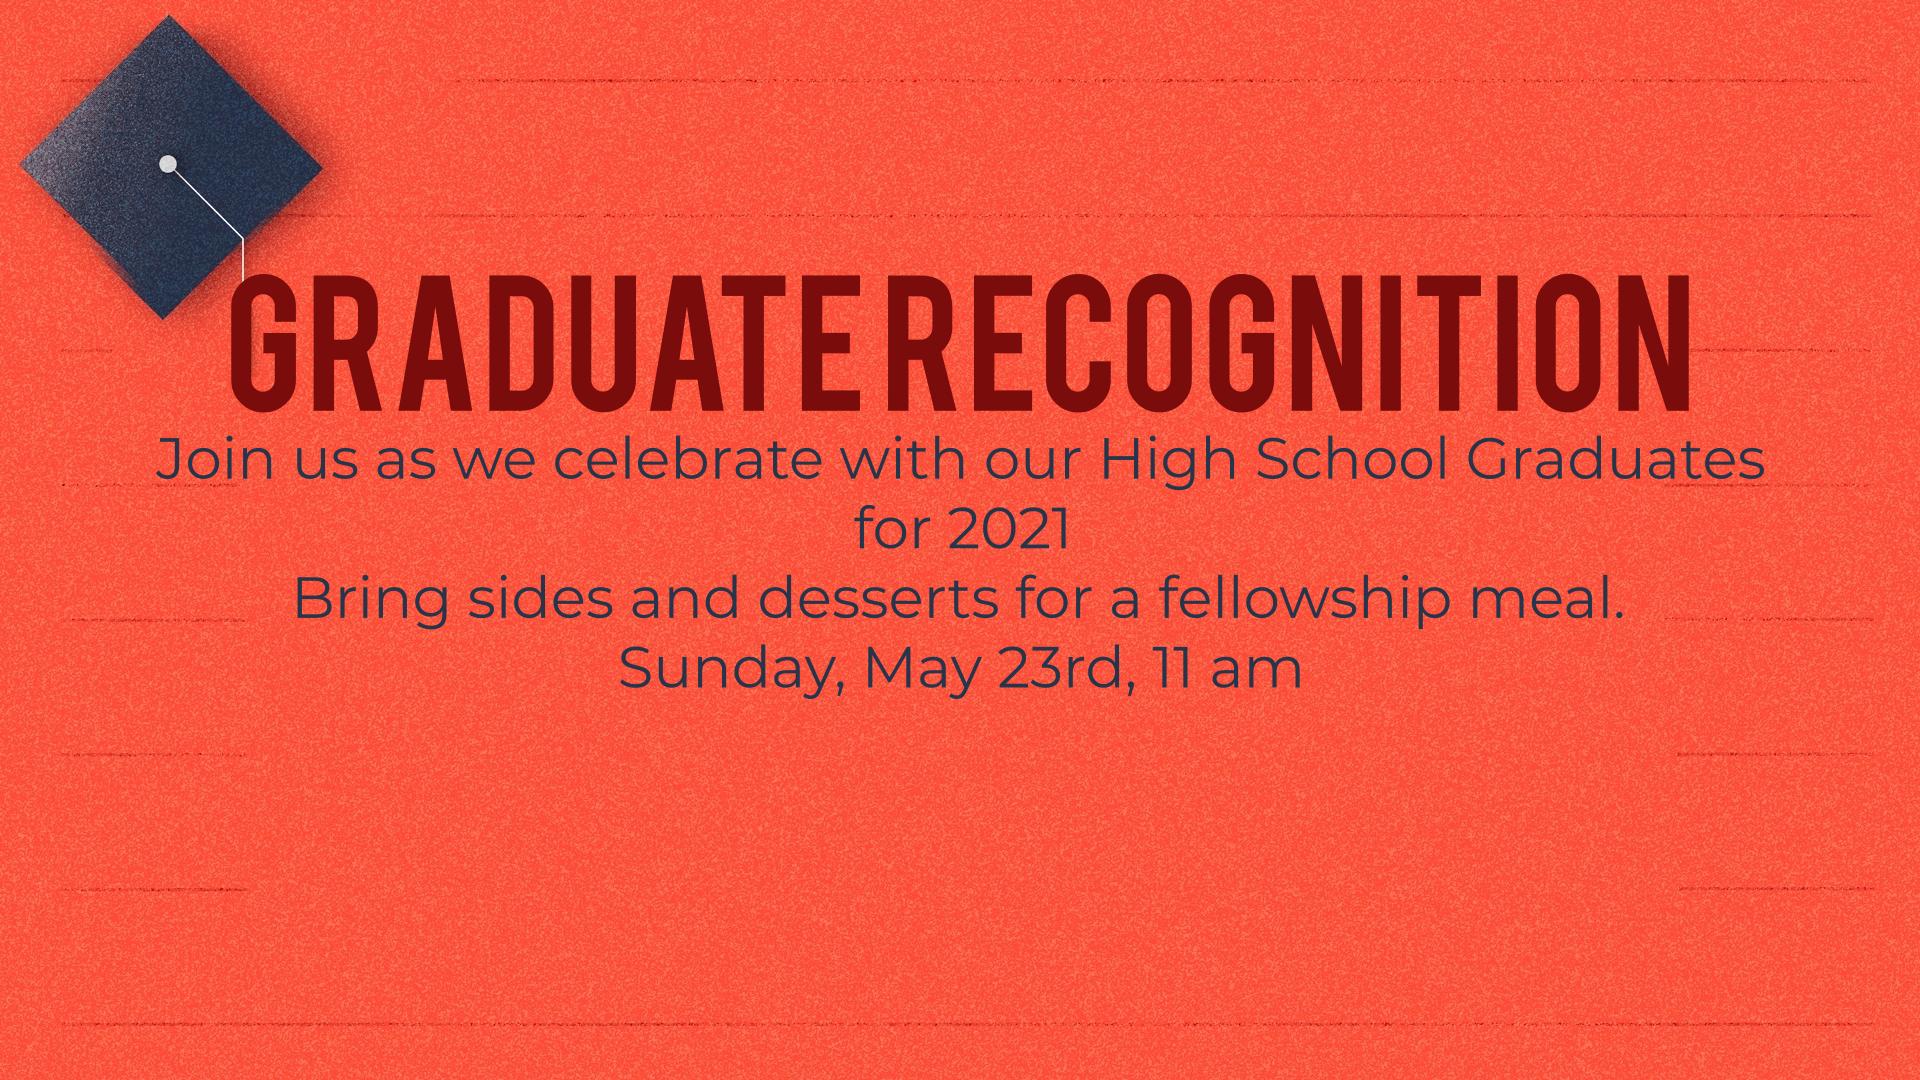 Graduate Recognition